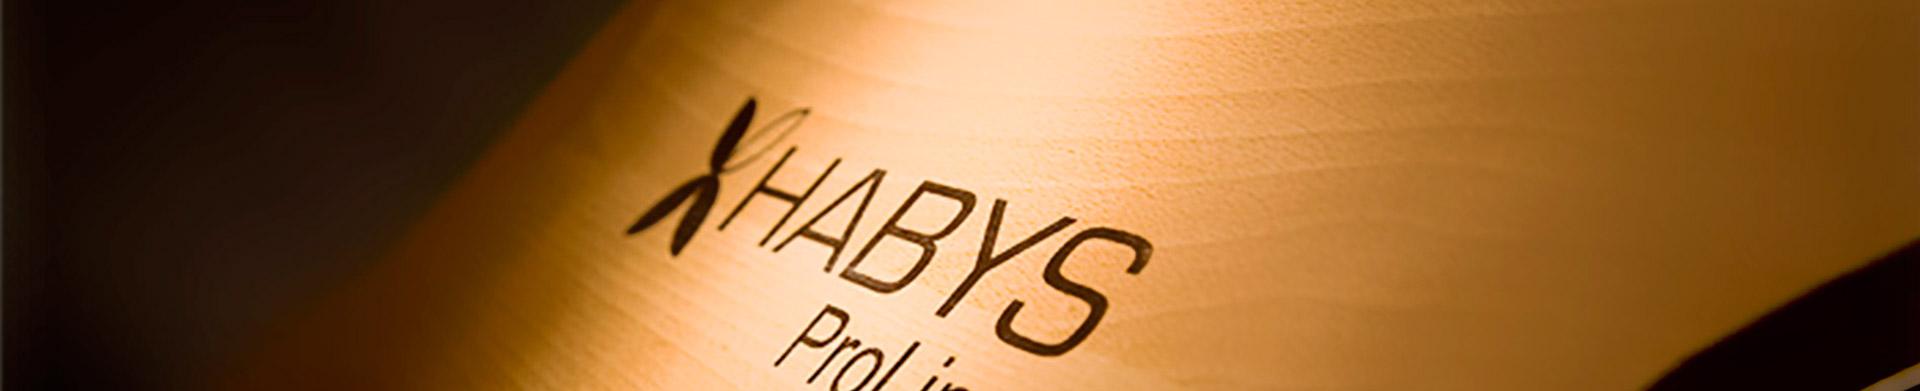 habys-bckgr5